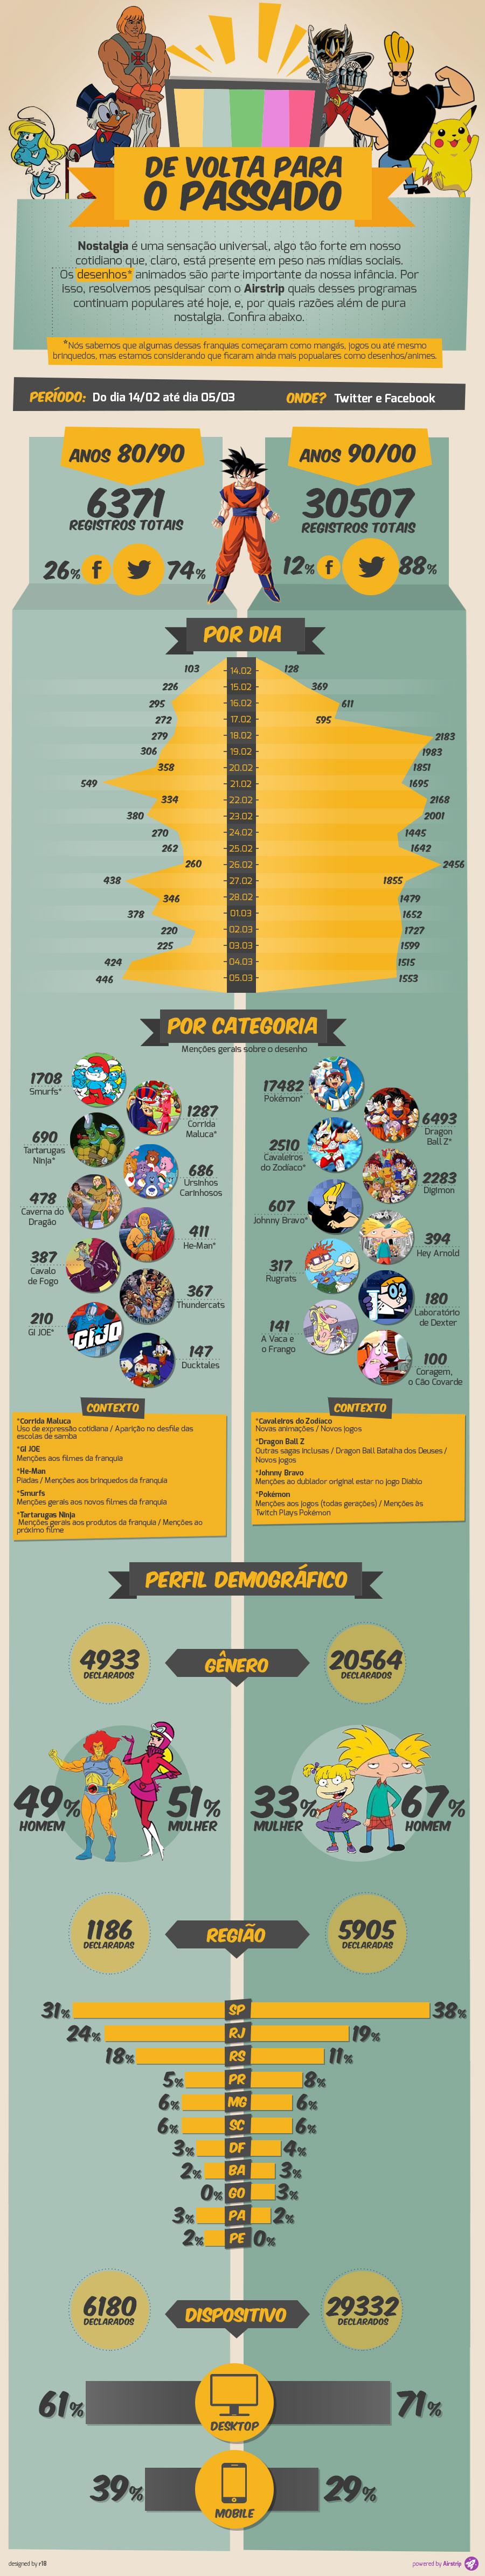 Saiba quais são os desenhos mais lembrados nas redes sociais [infográfico]